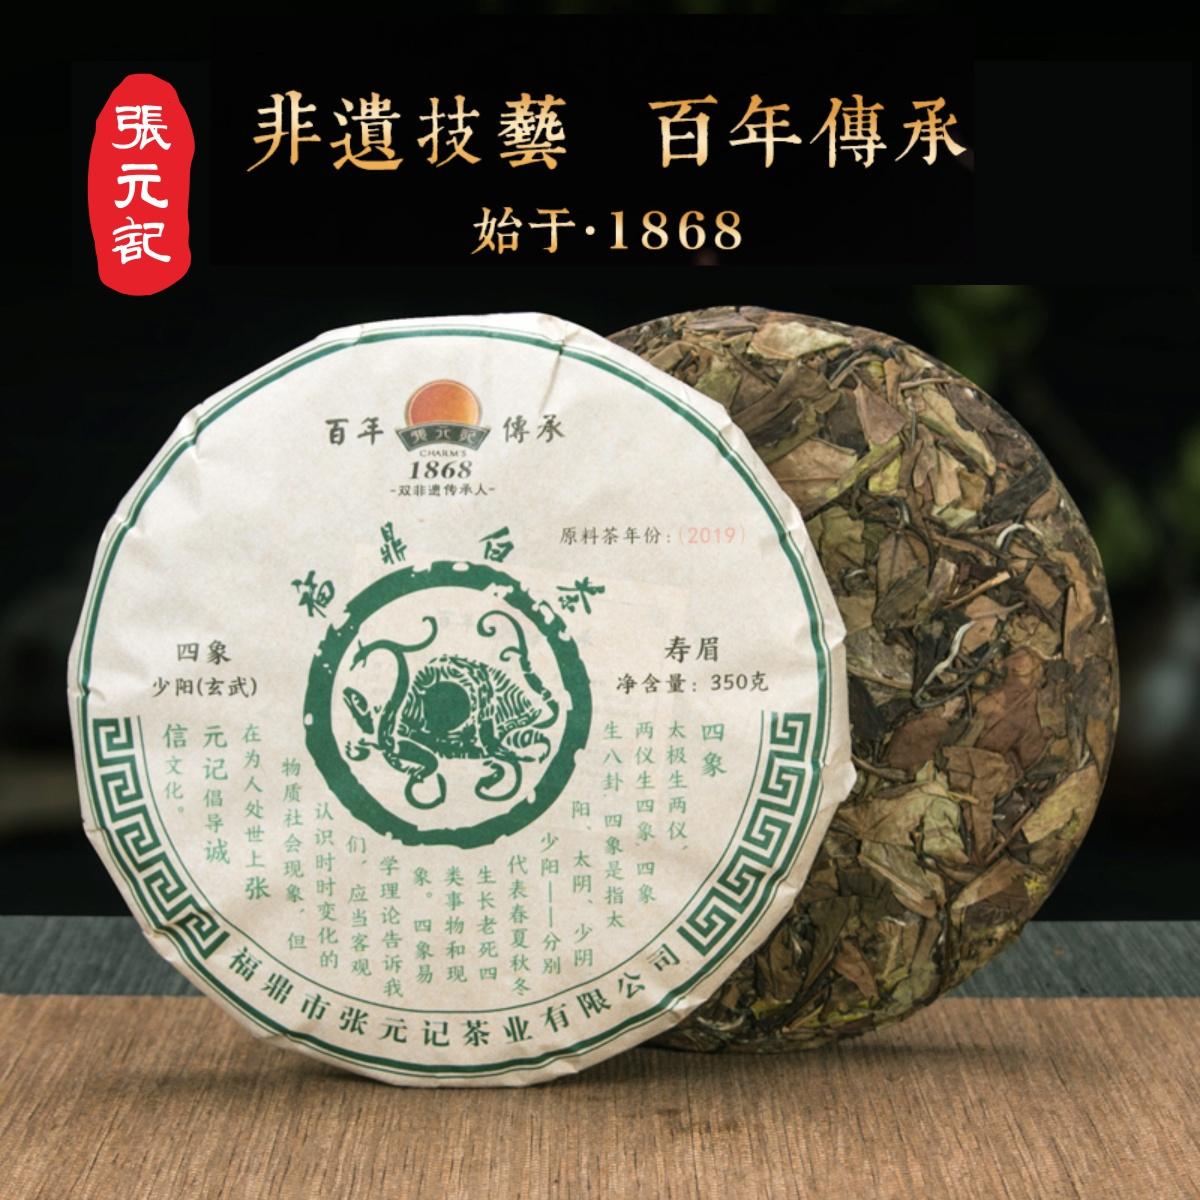 张元记 2019寿眉饼 玄武 福鼎白茶饼 微茶坊系列  350g